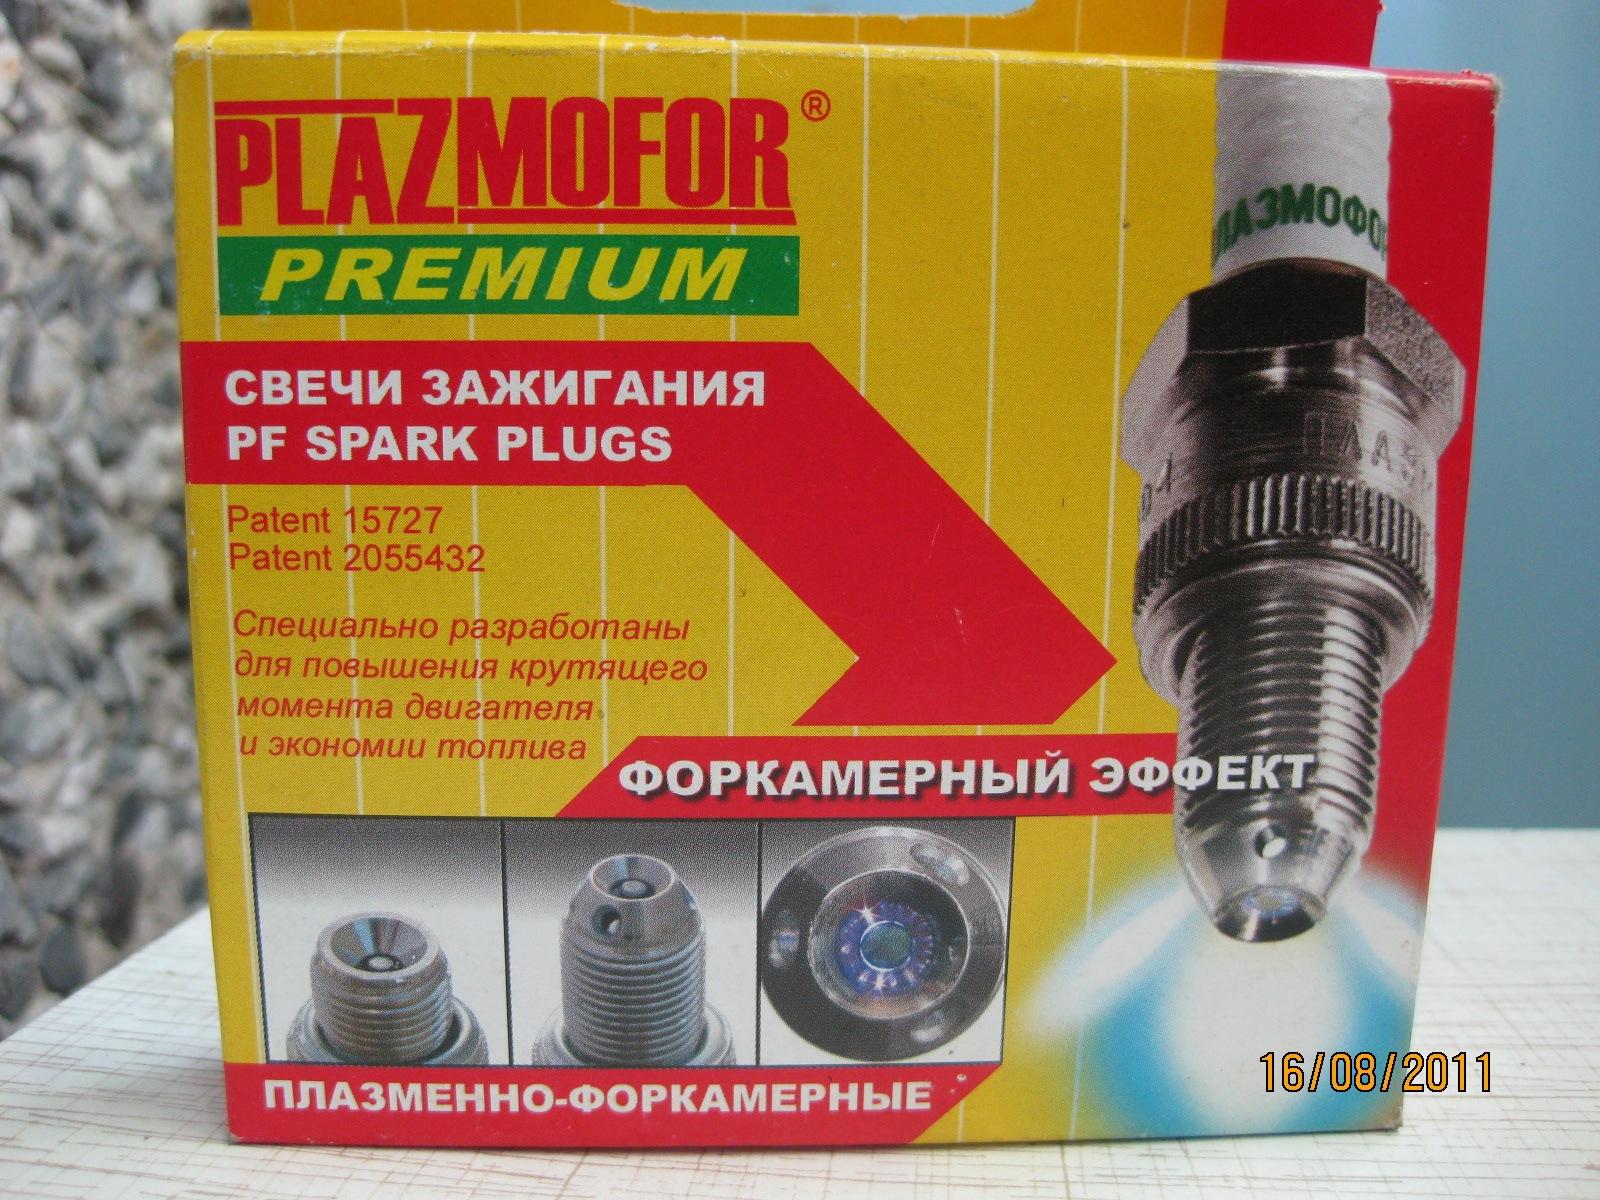 Продажа свечей зажигания - для ваз 2107 (vaz riva , свечи зажигания 21074 инж